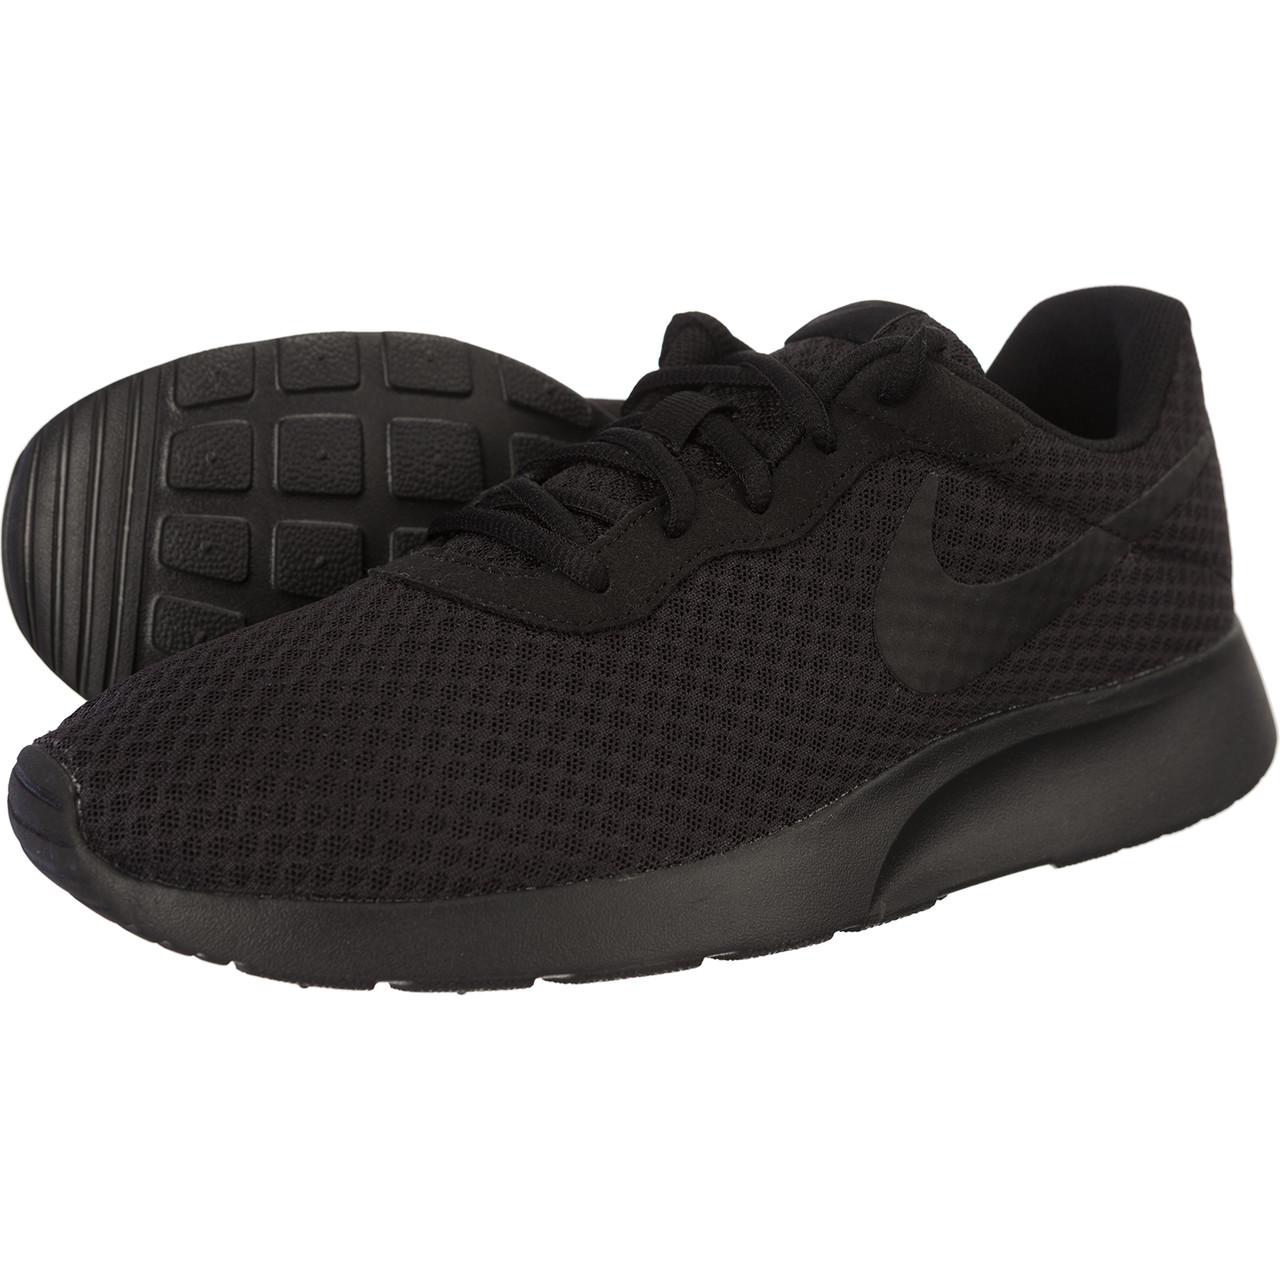 Buty Nike Tanjun 001 w sklepie Eastend.pl! Happy Socks